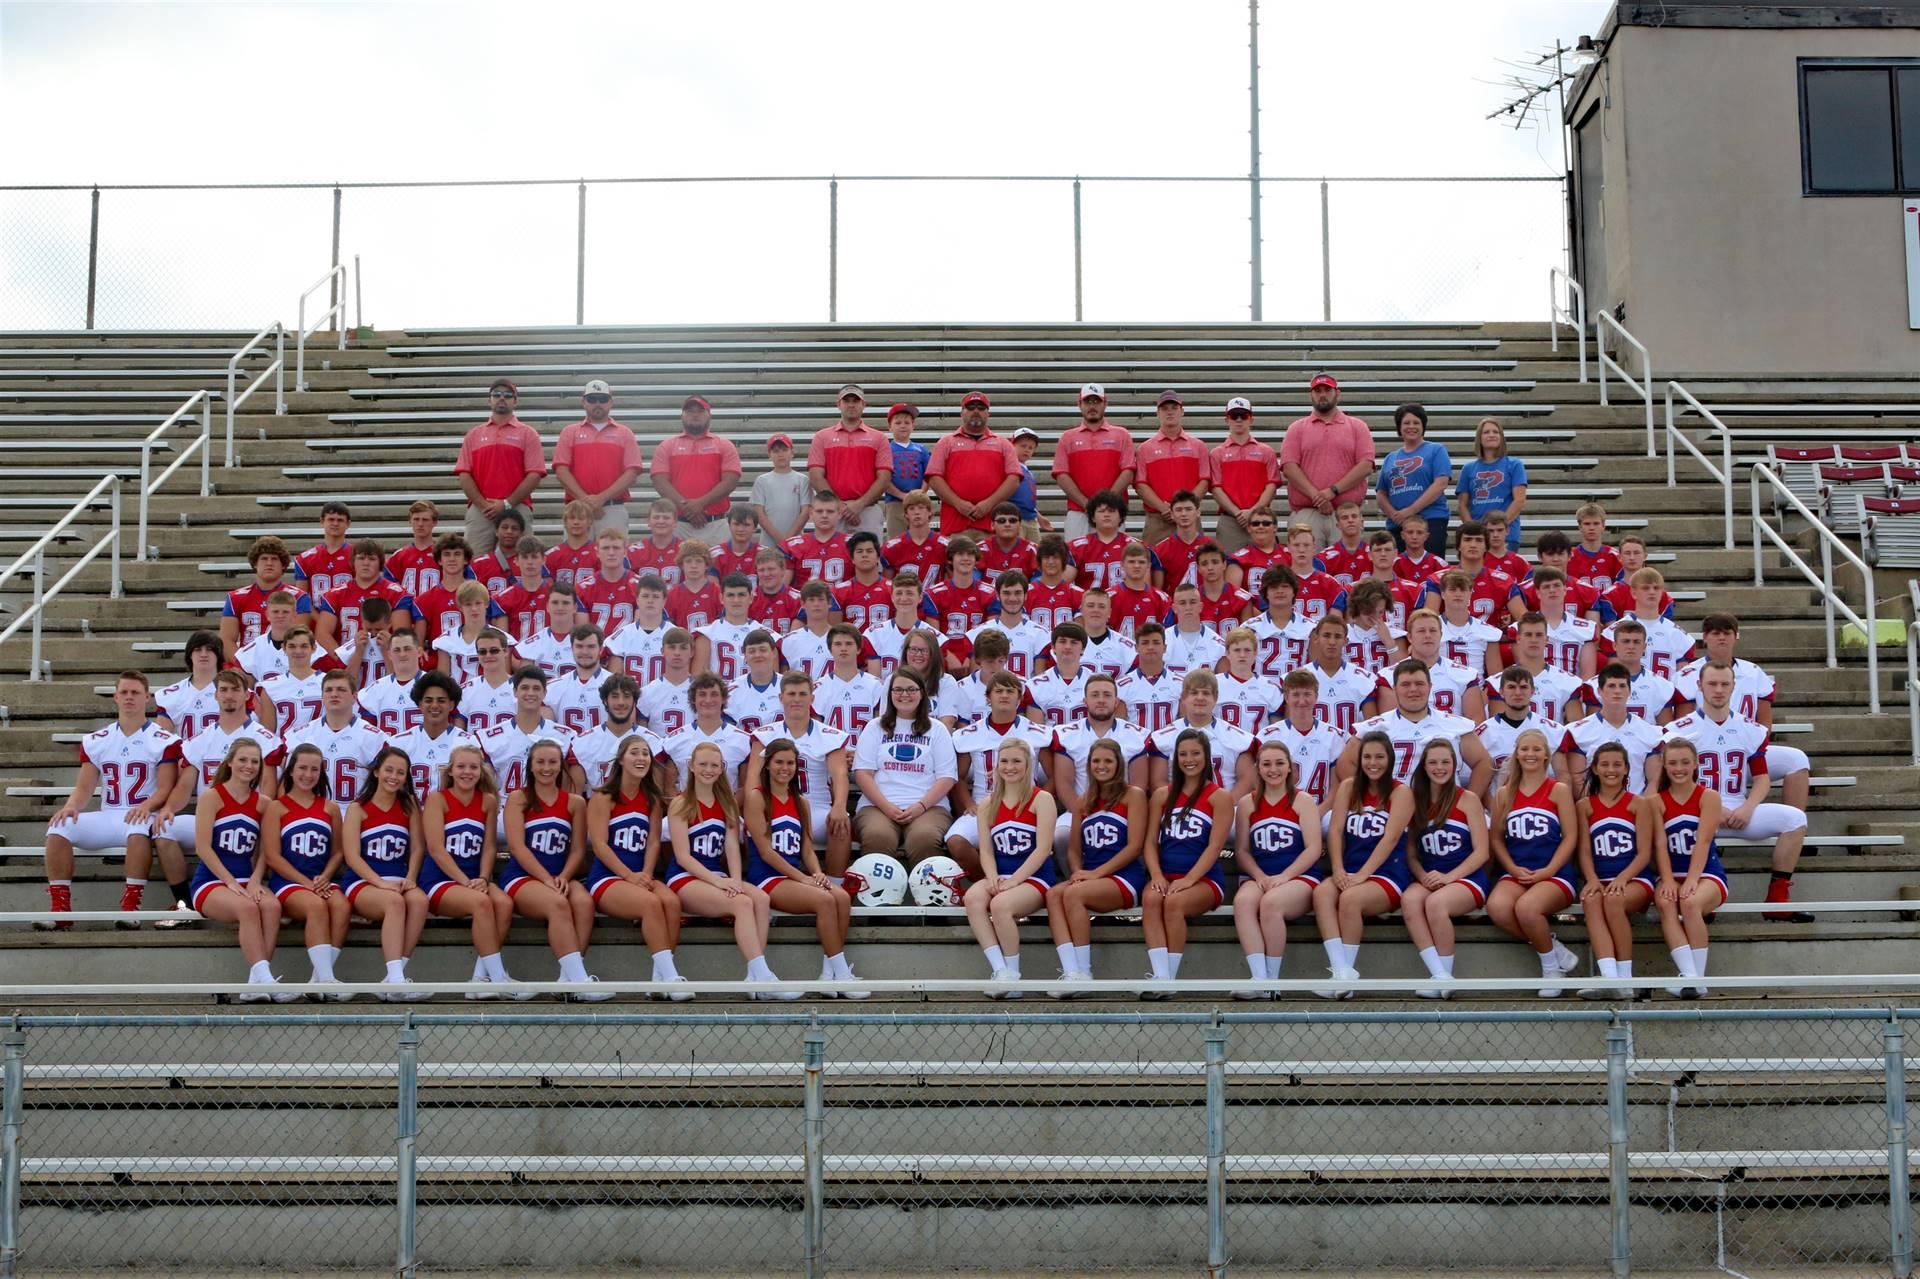 2017 Patriot Football Team